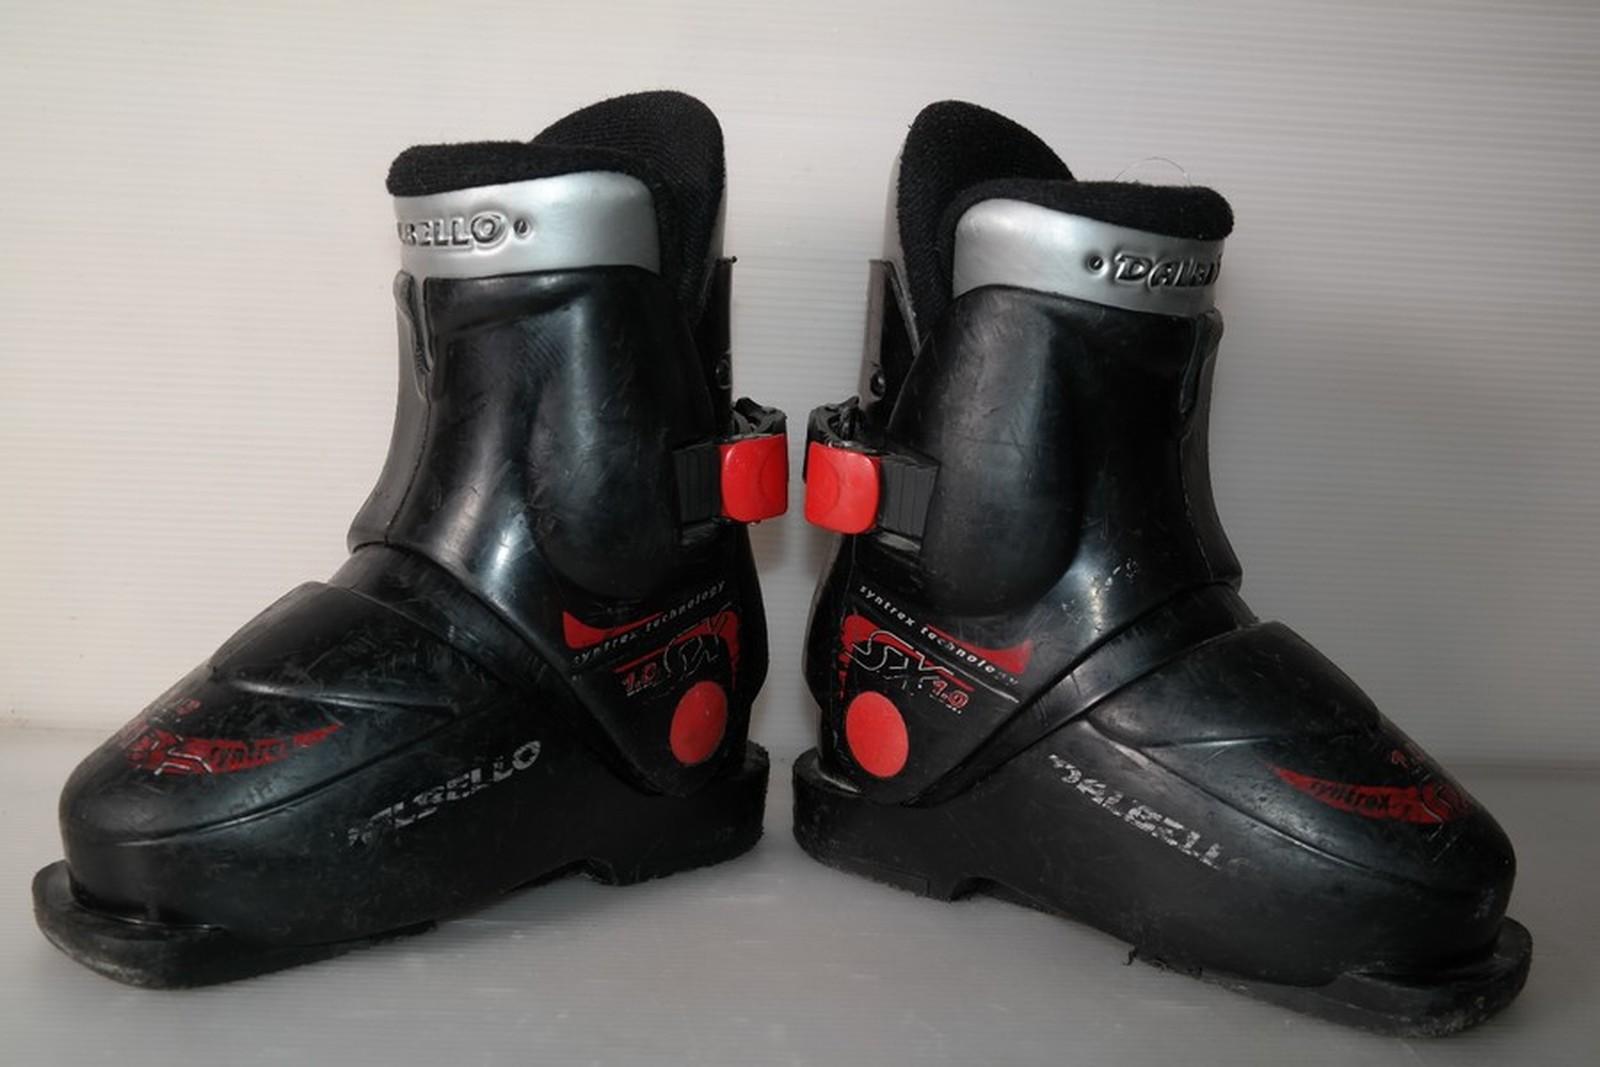 Dětské lyžáky Dalbello SX 1,0 vel. EU26